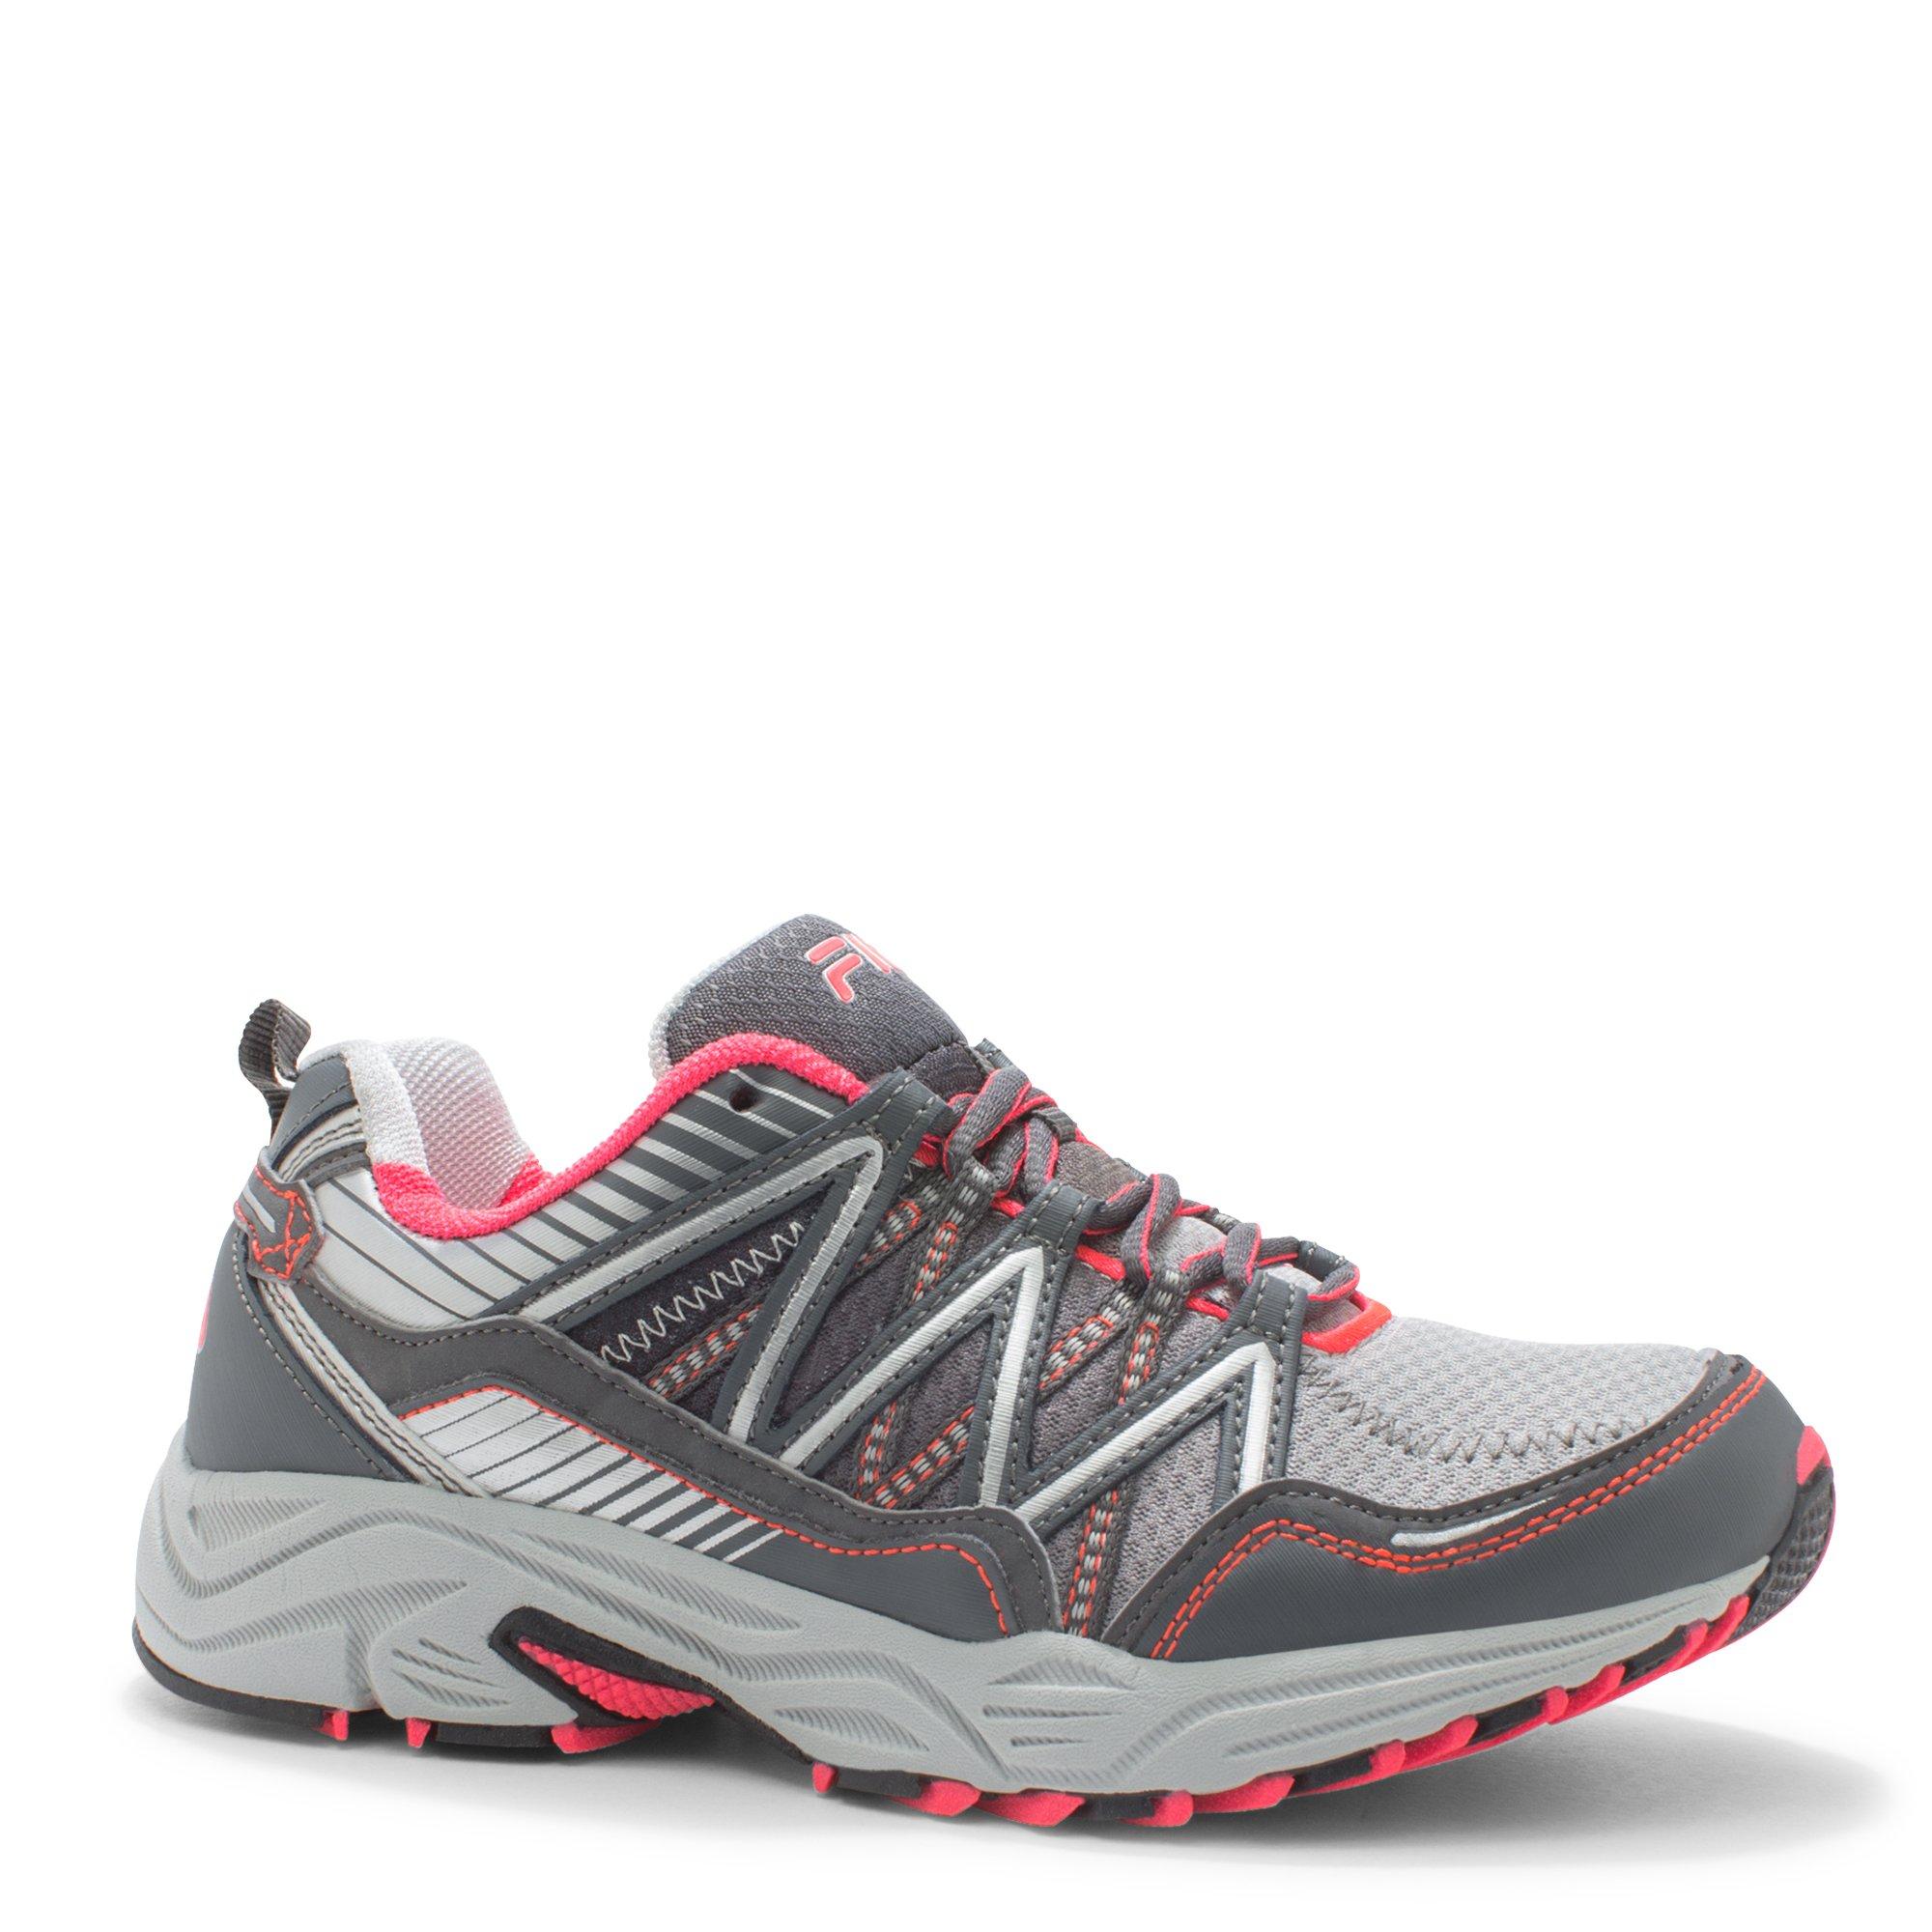 Fila Women's Headway 6 Running Shoe, Metallic Silver/Castlerock/Diva Pink, 8.5 M US